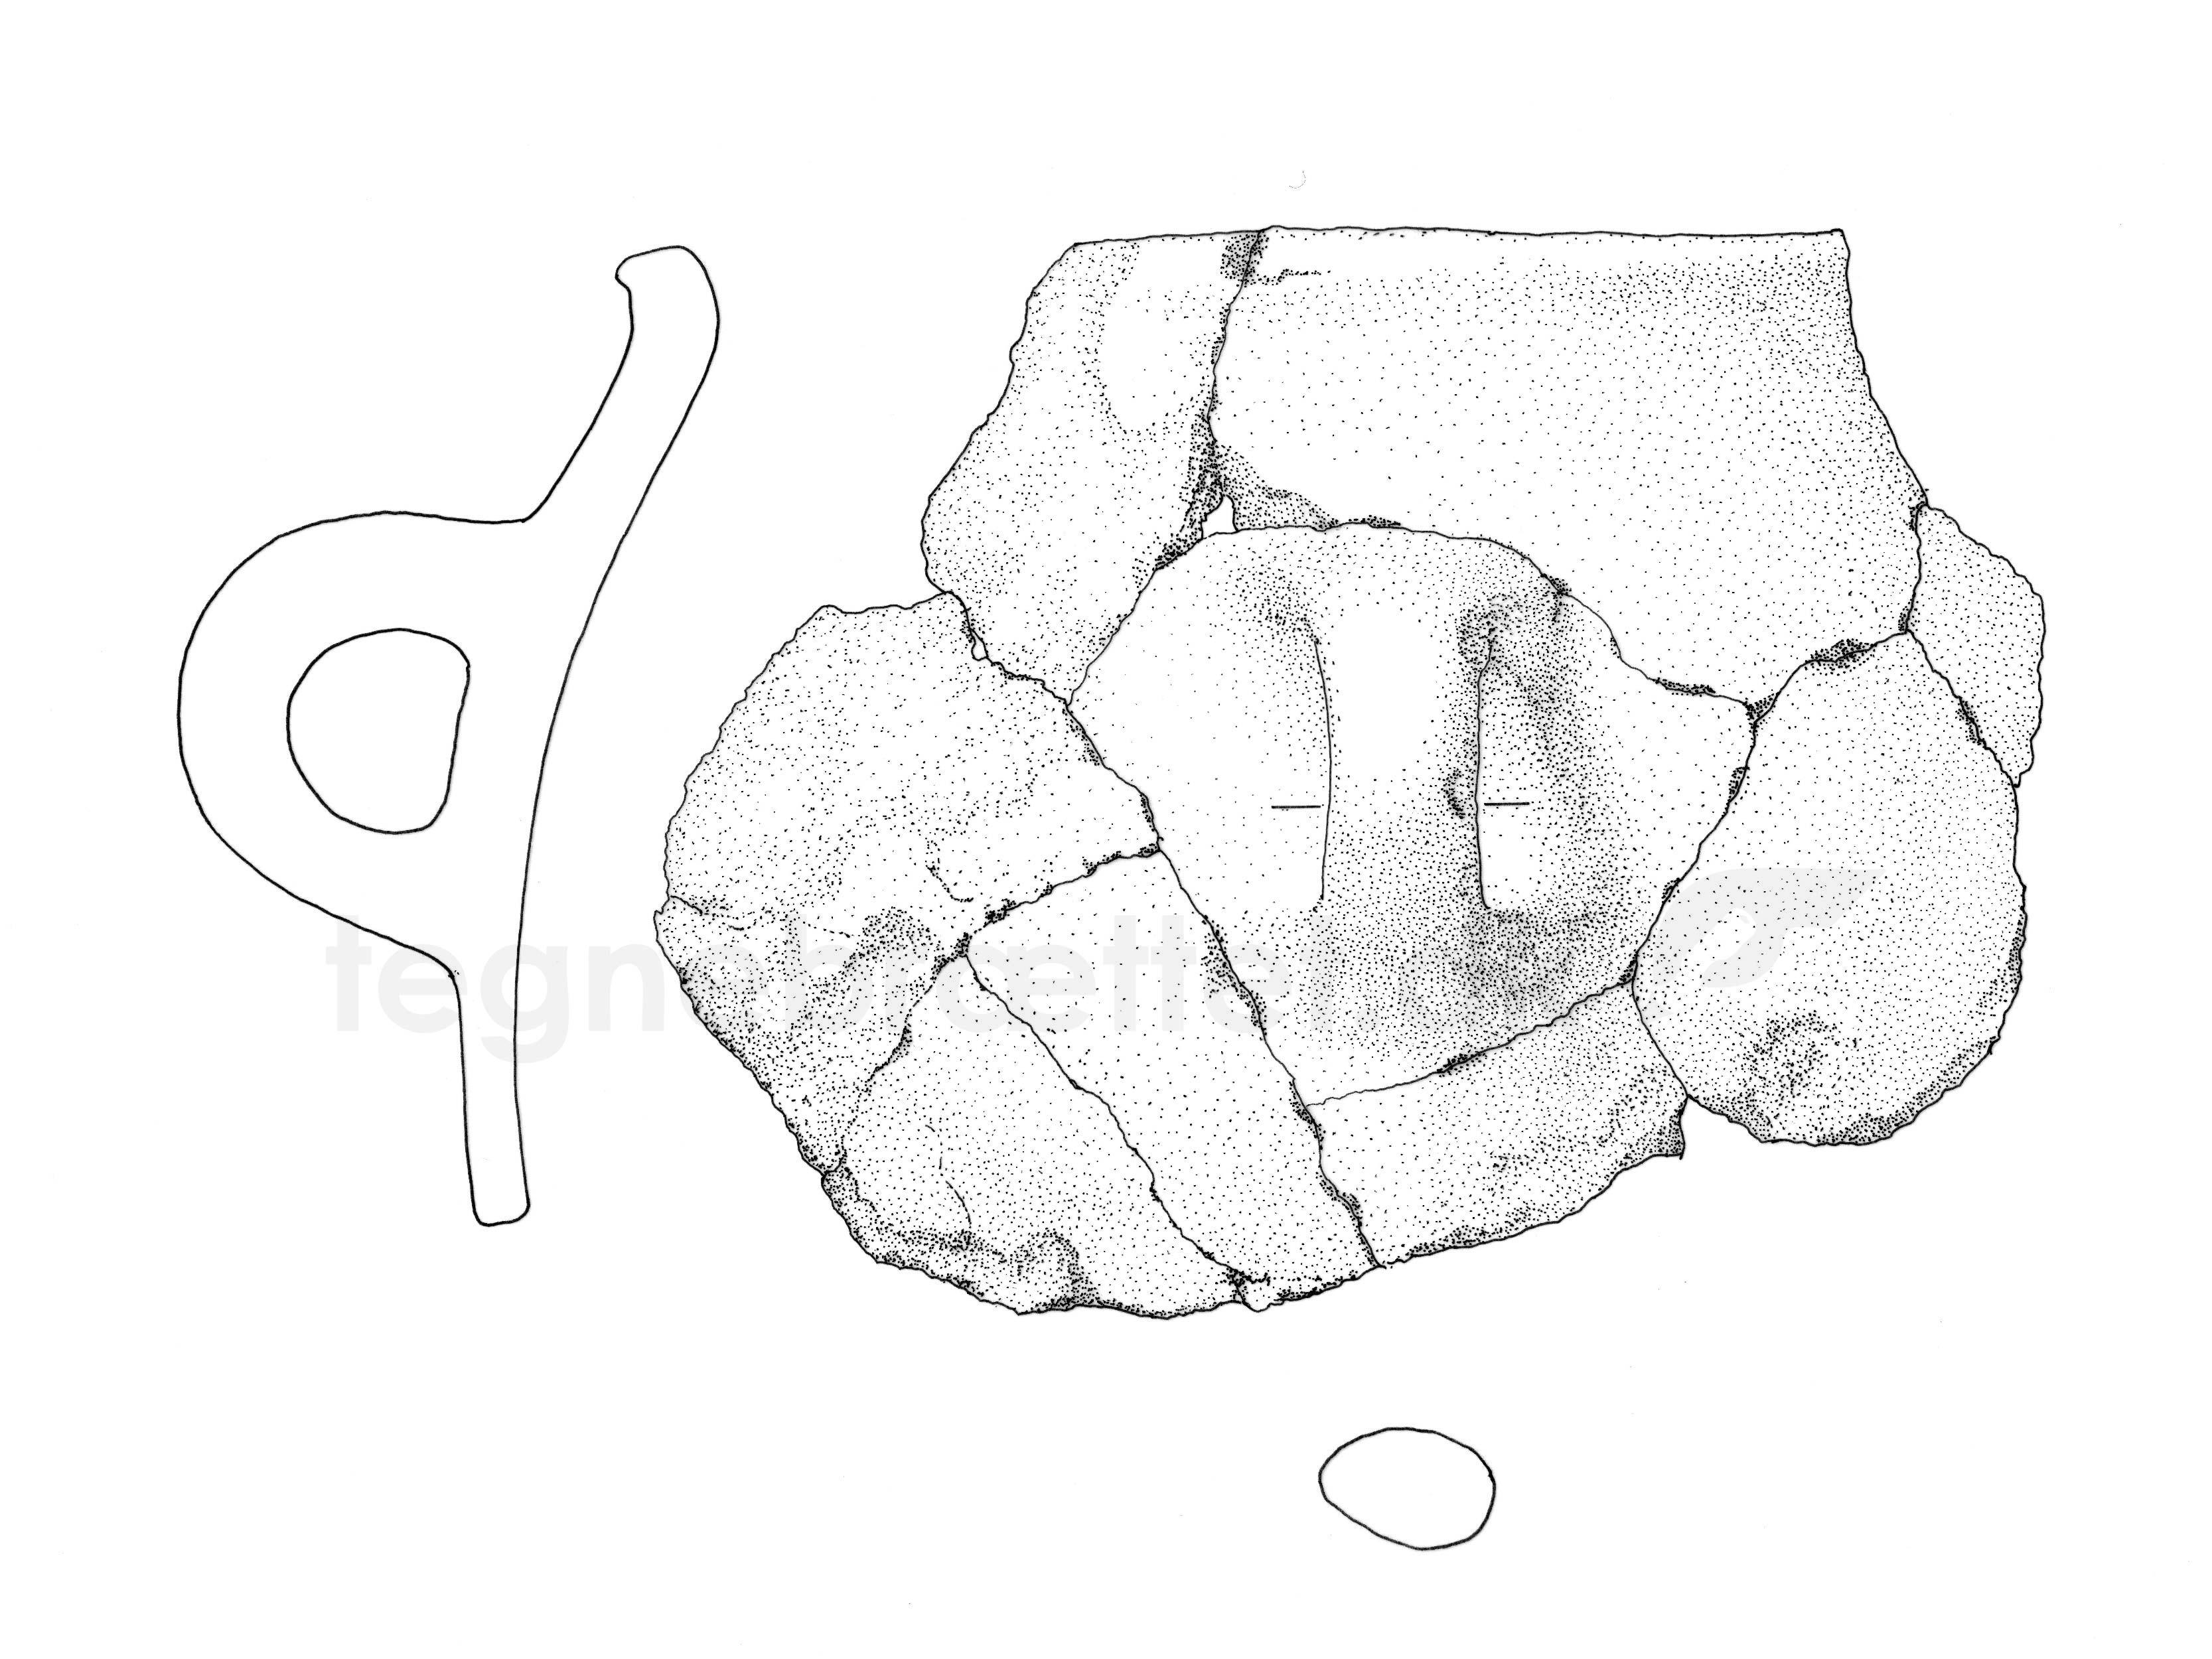 potte6-01-01